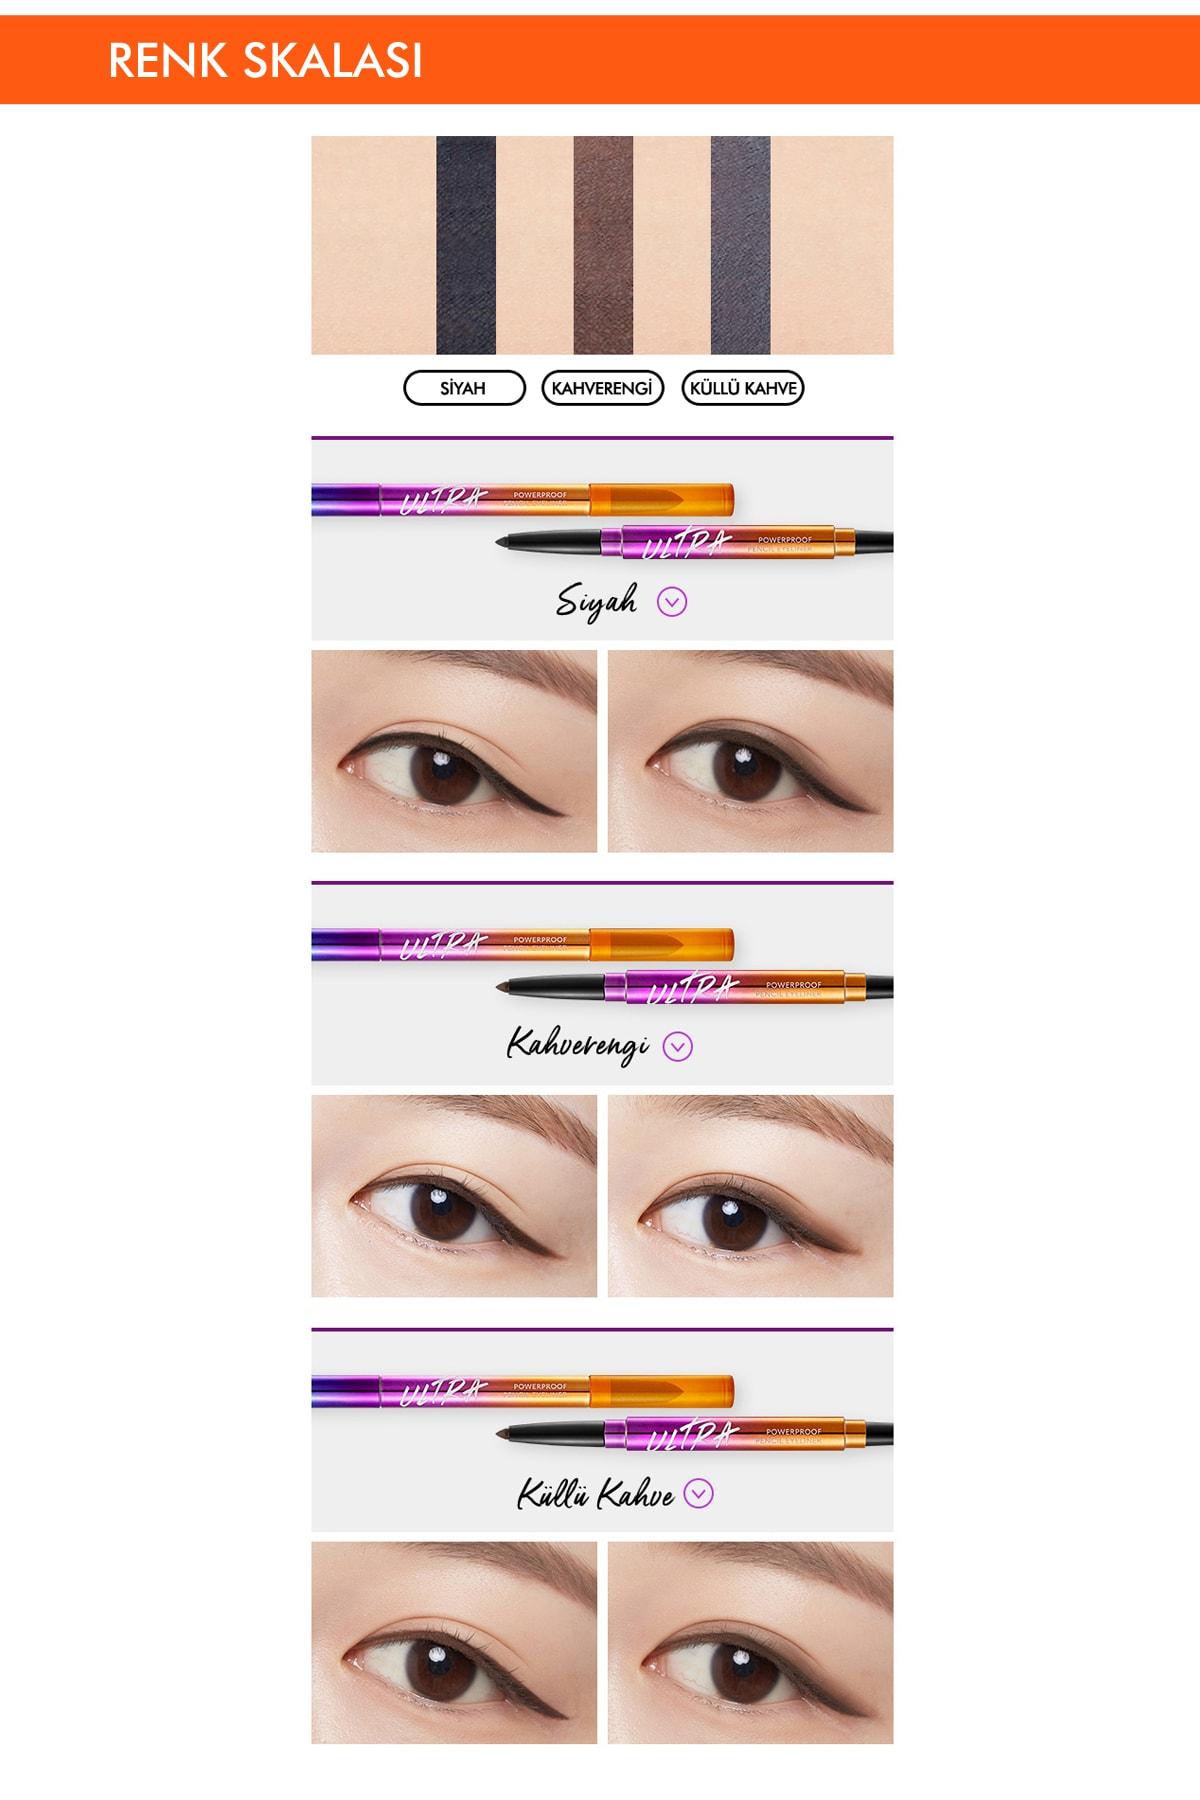 Missha Suya Dayanıklı Kalıcı Jel Göz Kalemi Ultra Powerproof Pencil Eyeliner Ash Brown 3